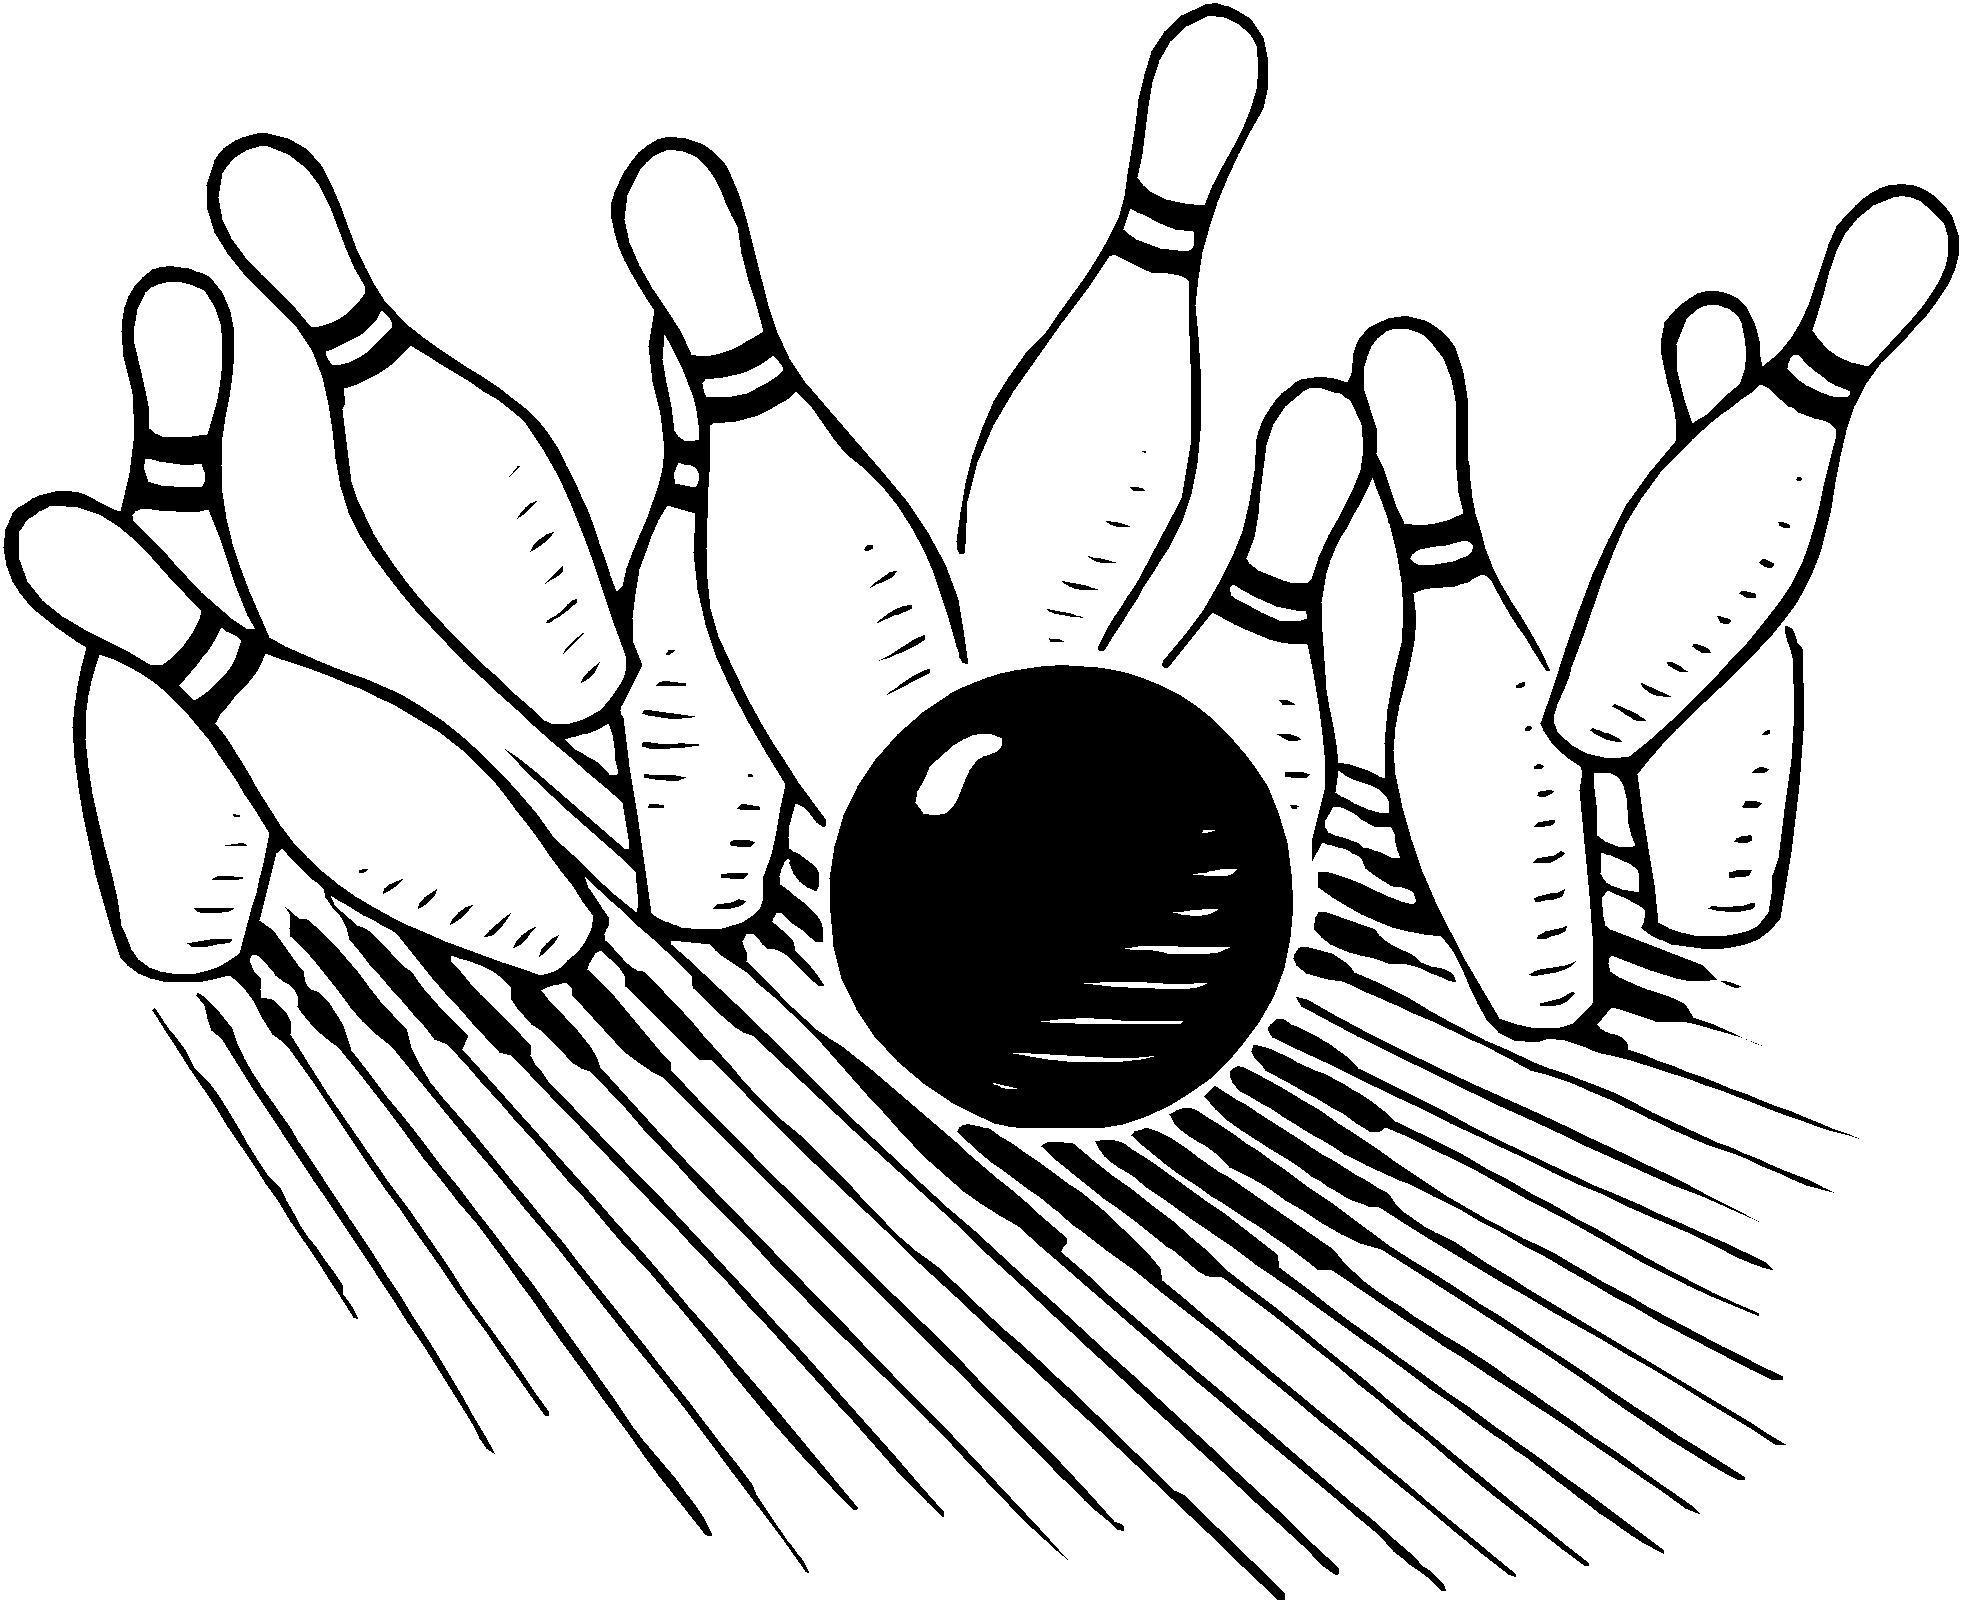 Bowling Clip Art Images